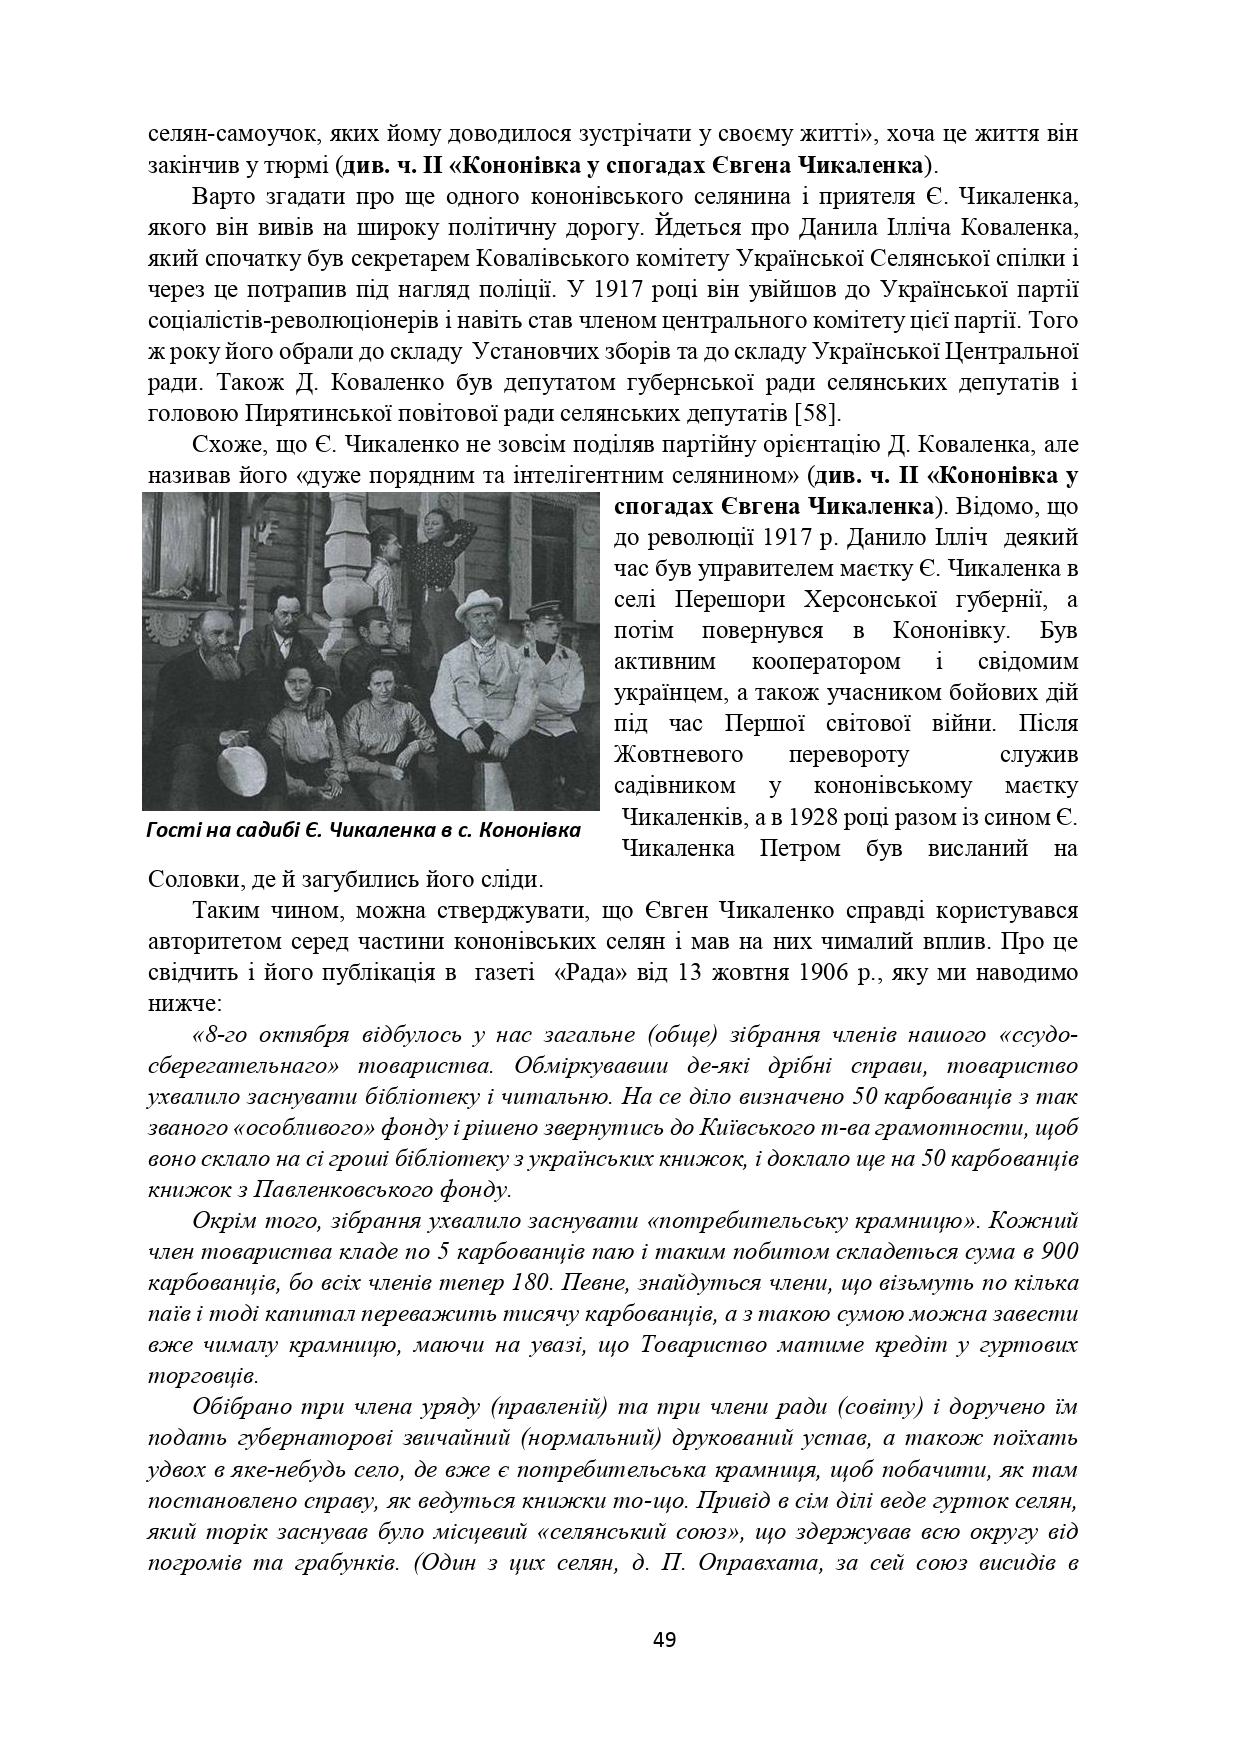 ІСТОРІЯ СЕЛА КОНОНІВКА 2021 (1)_page-0049